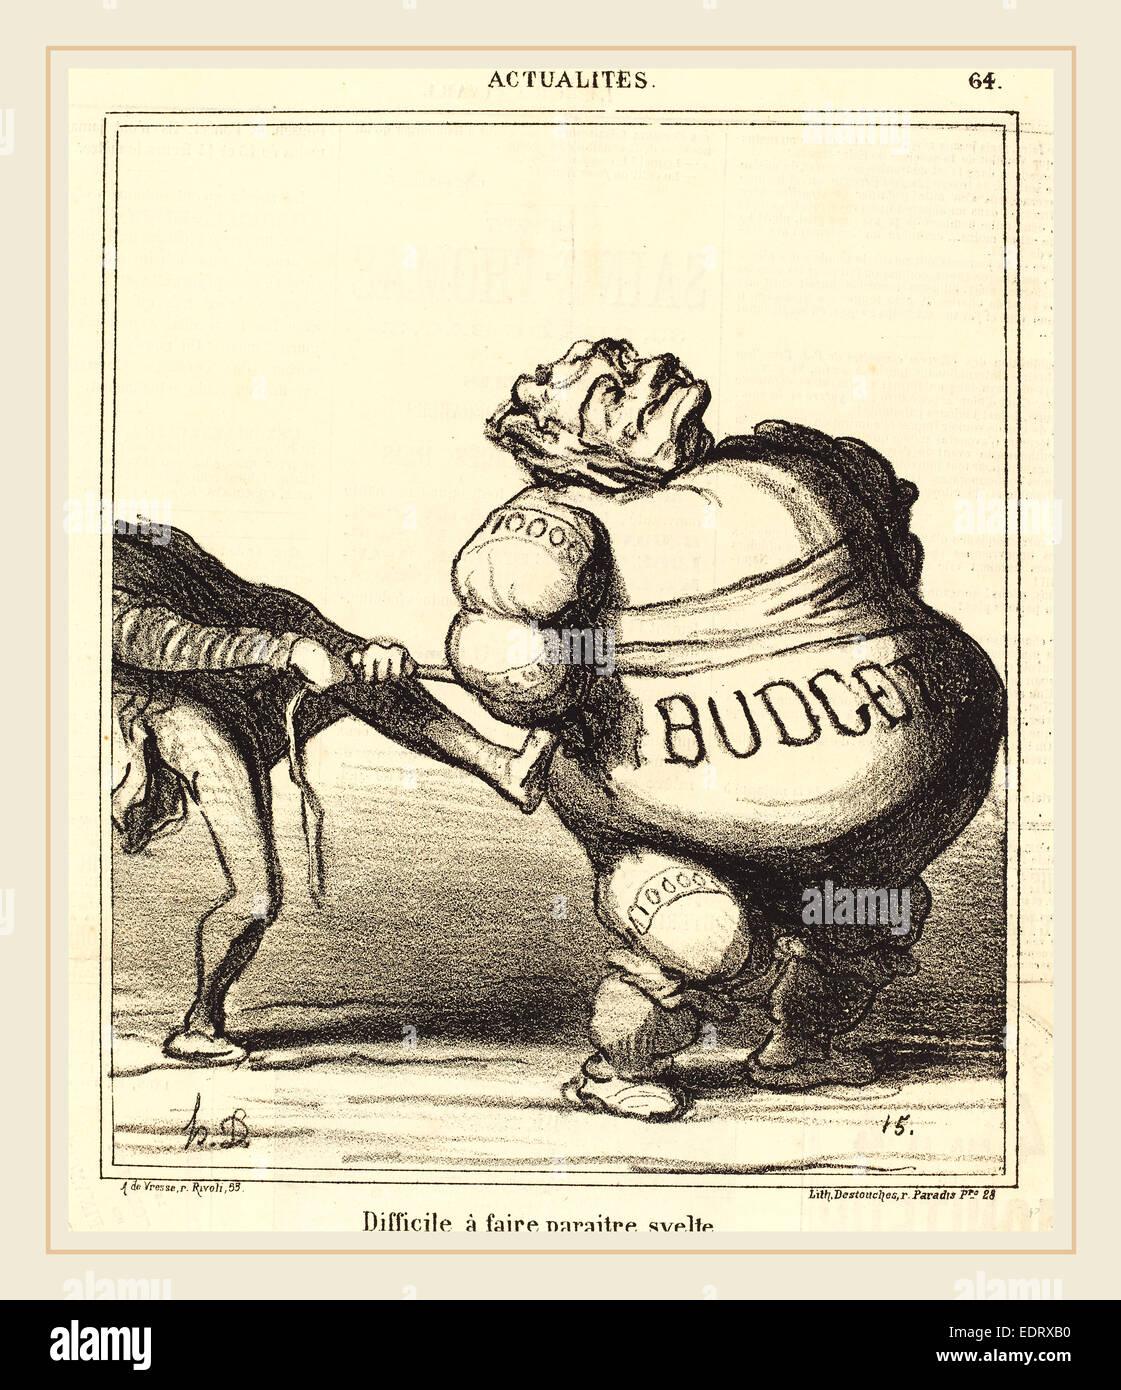 Honoré Daumier (French, 1808-1879), Difficile à faire paraitre svelte, 1869, lithograph on newsprint - Stock Image